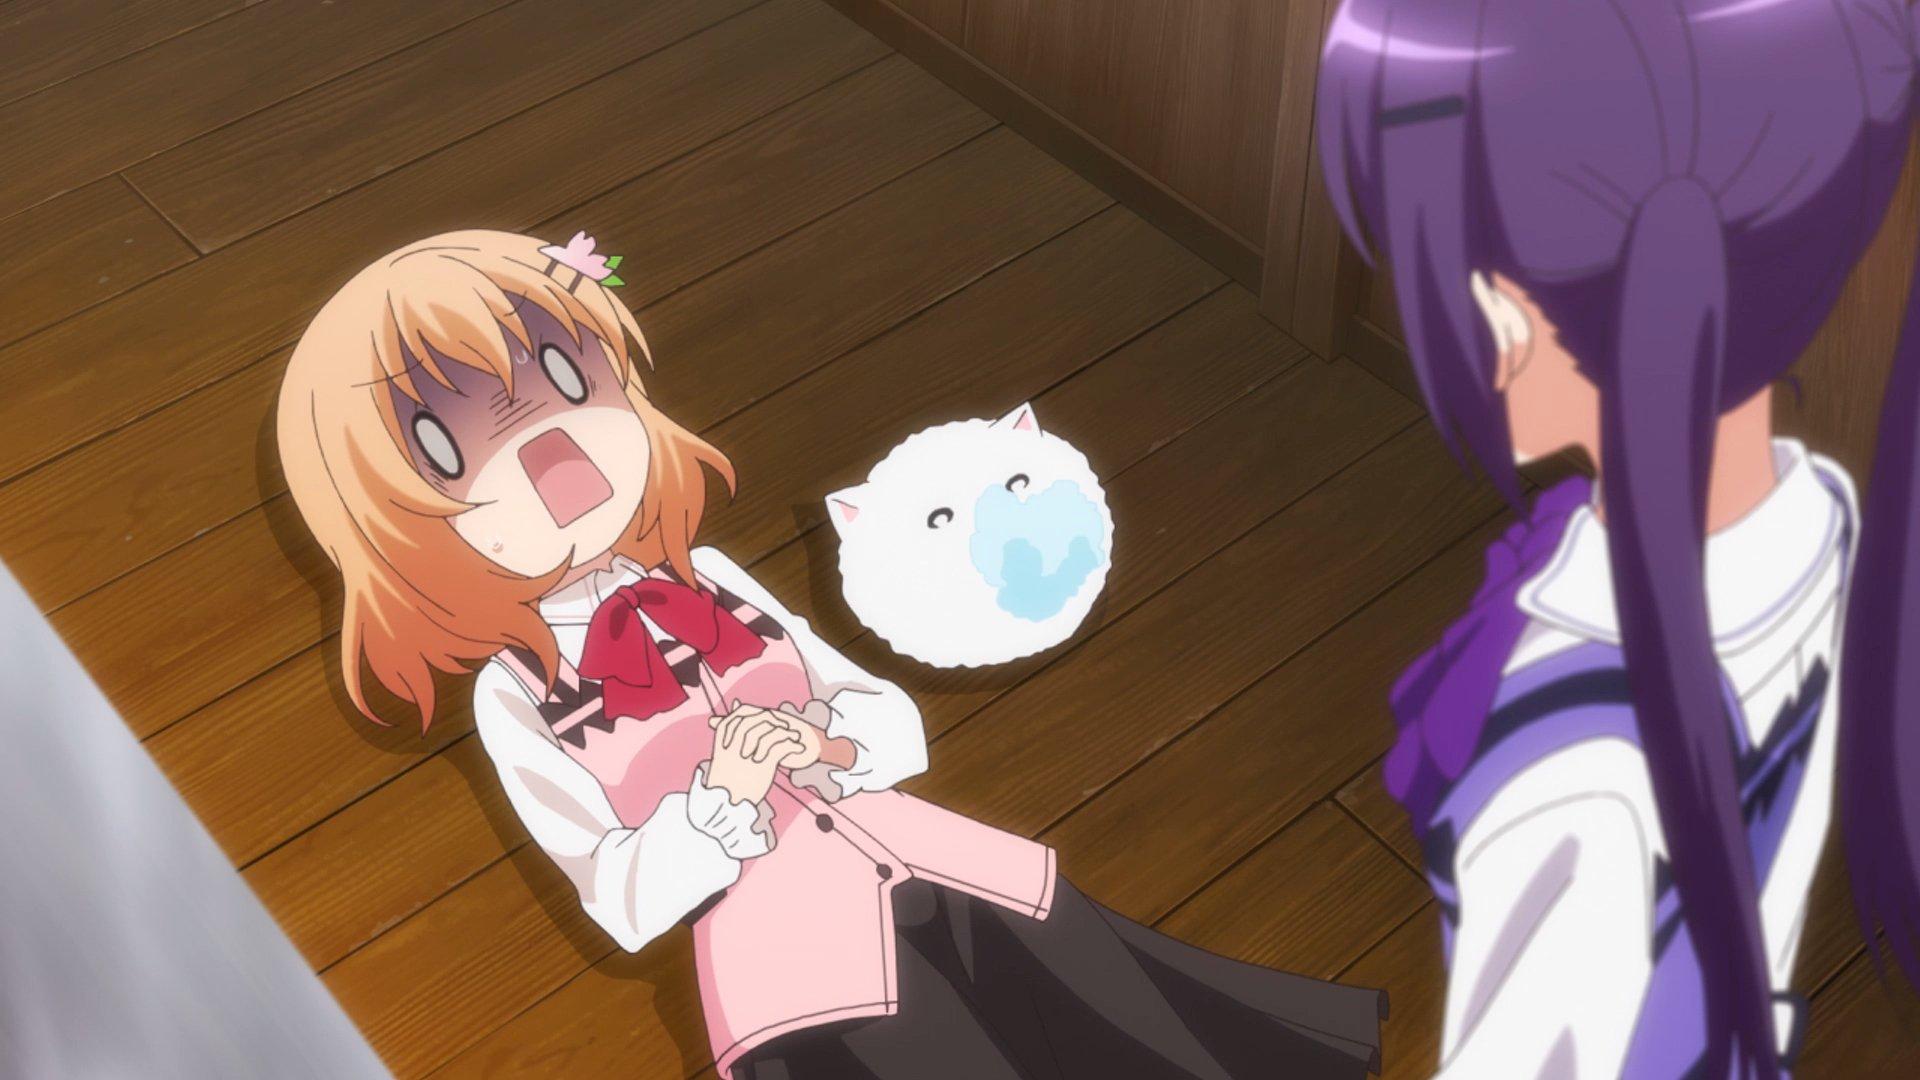 TVアニメ「ご注文はうさぎですか??」